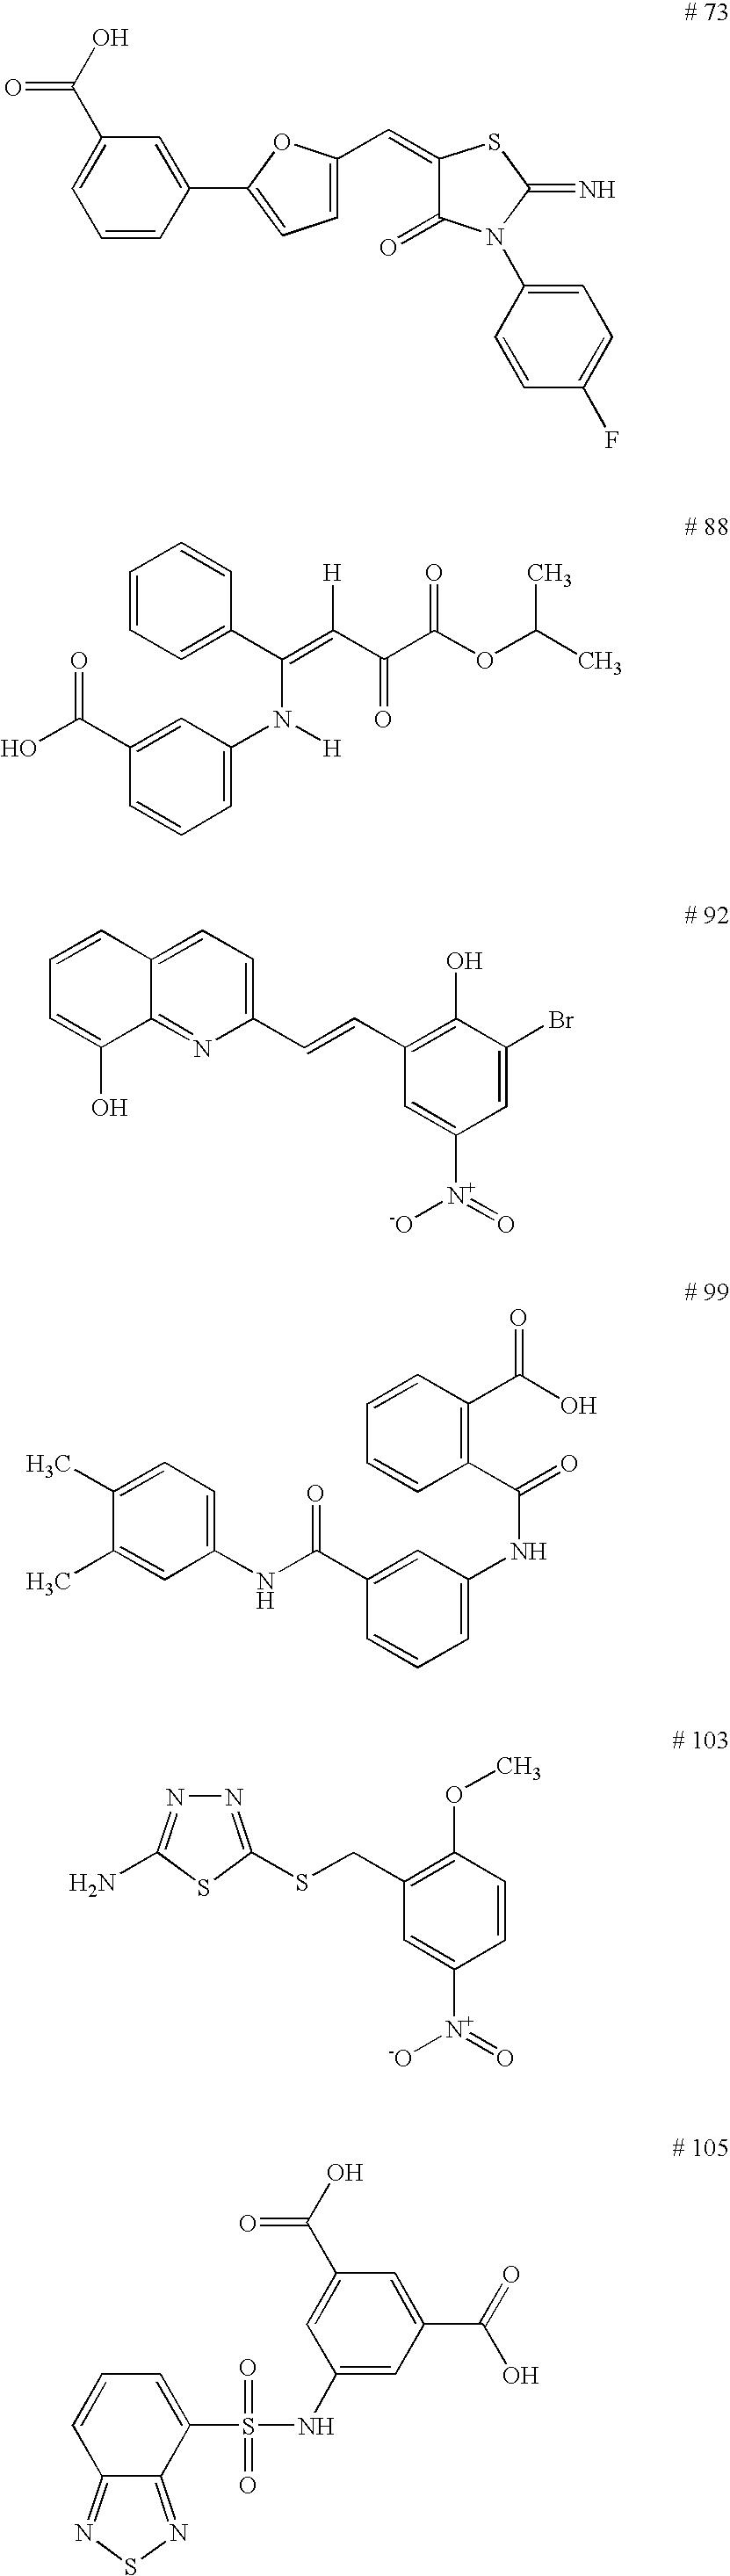 Figure US20070196395A1-20070823-C00157